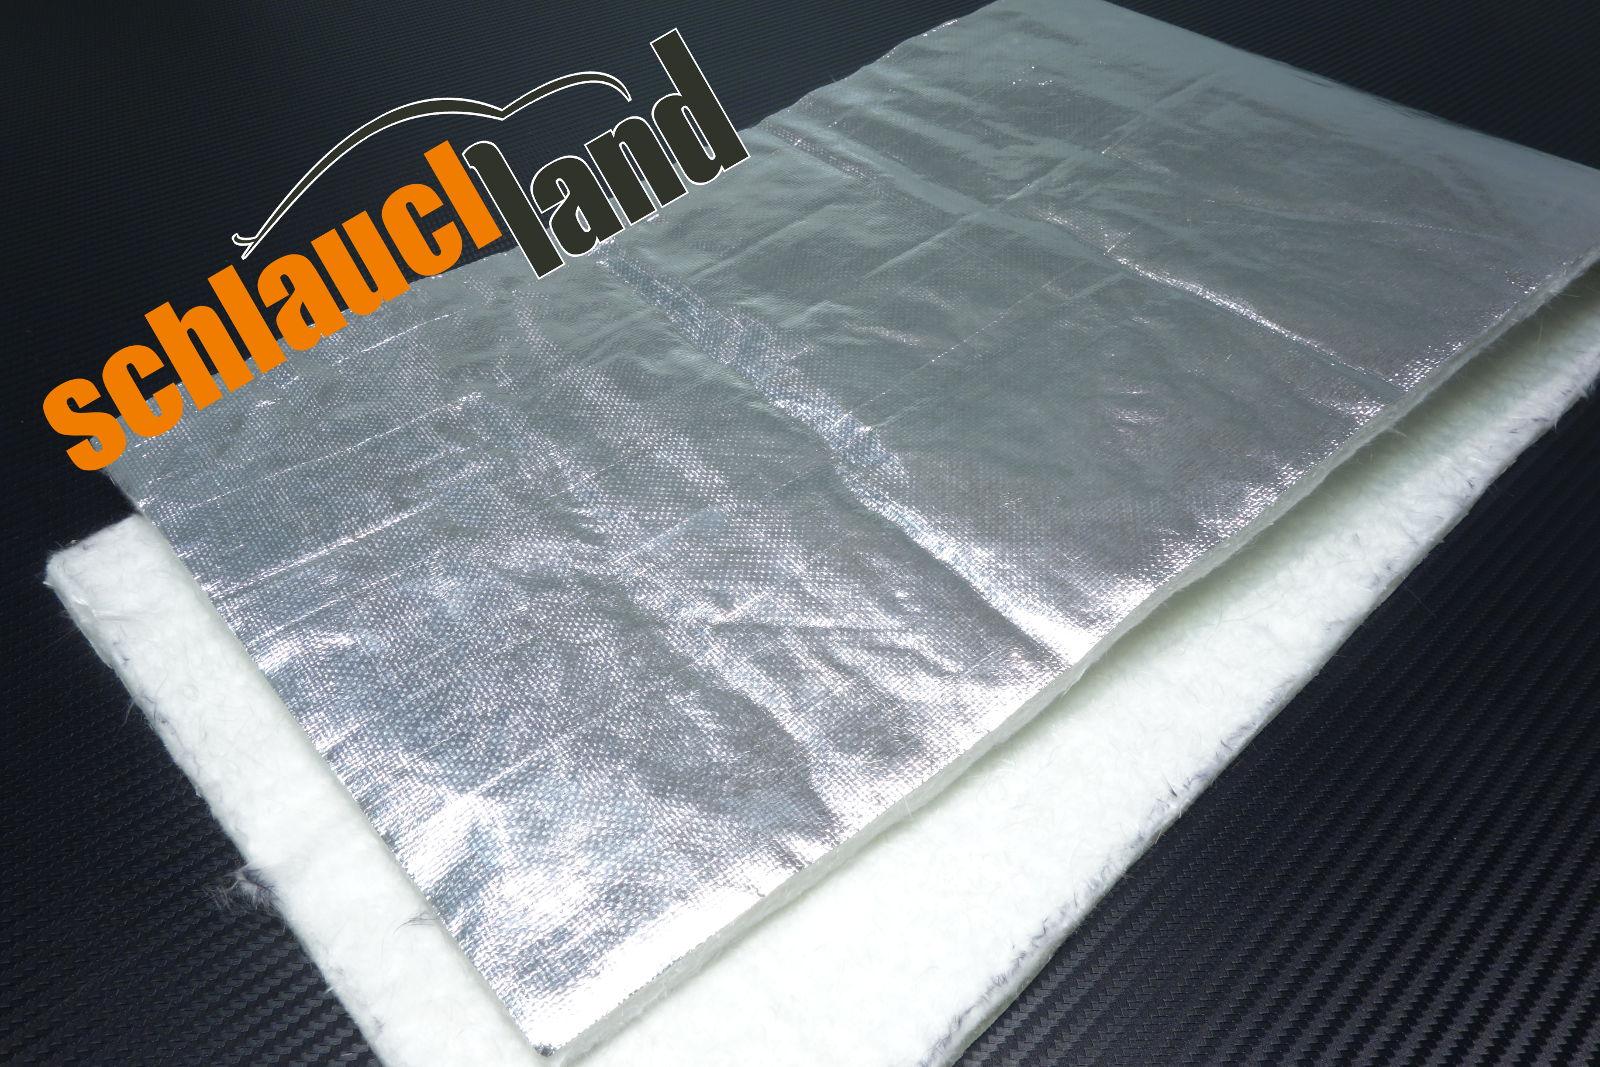 Hitzeschutzmatte 10mm Alu-Keramik  2,0m x 1,0m